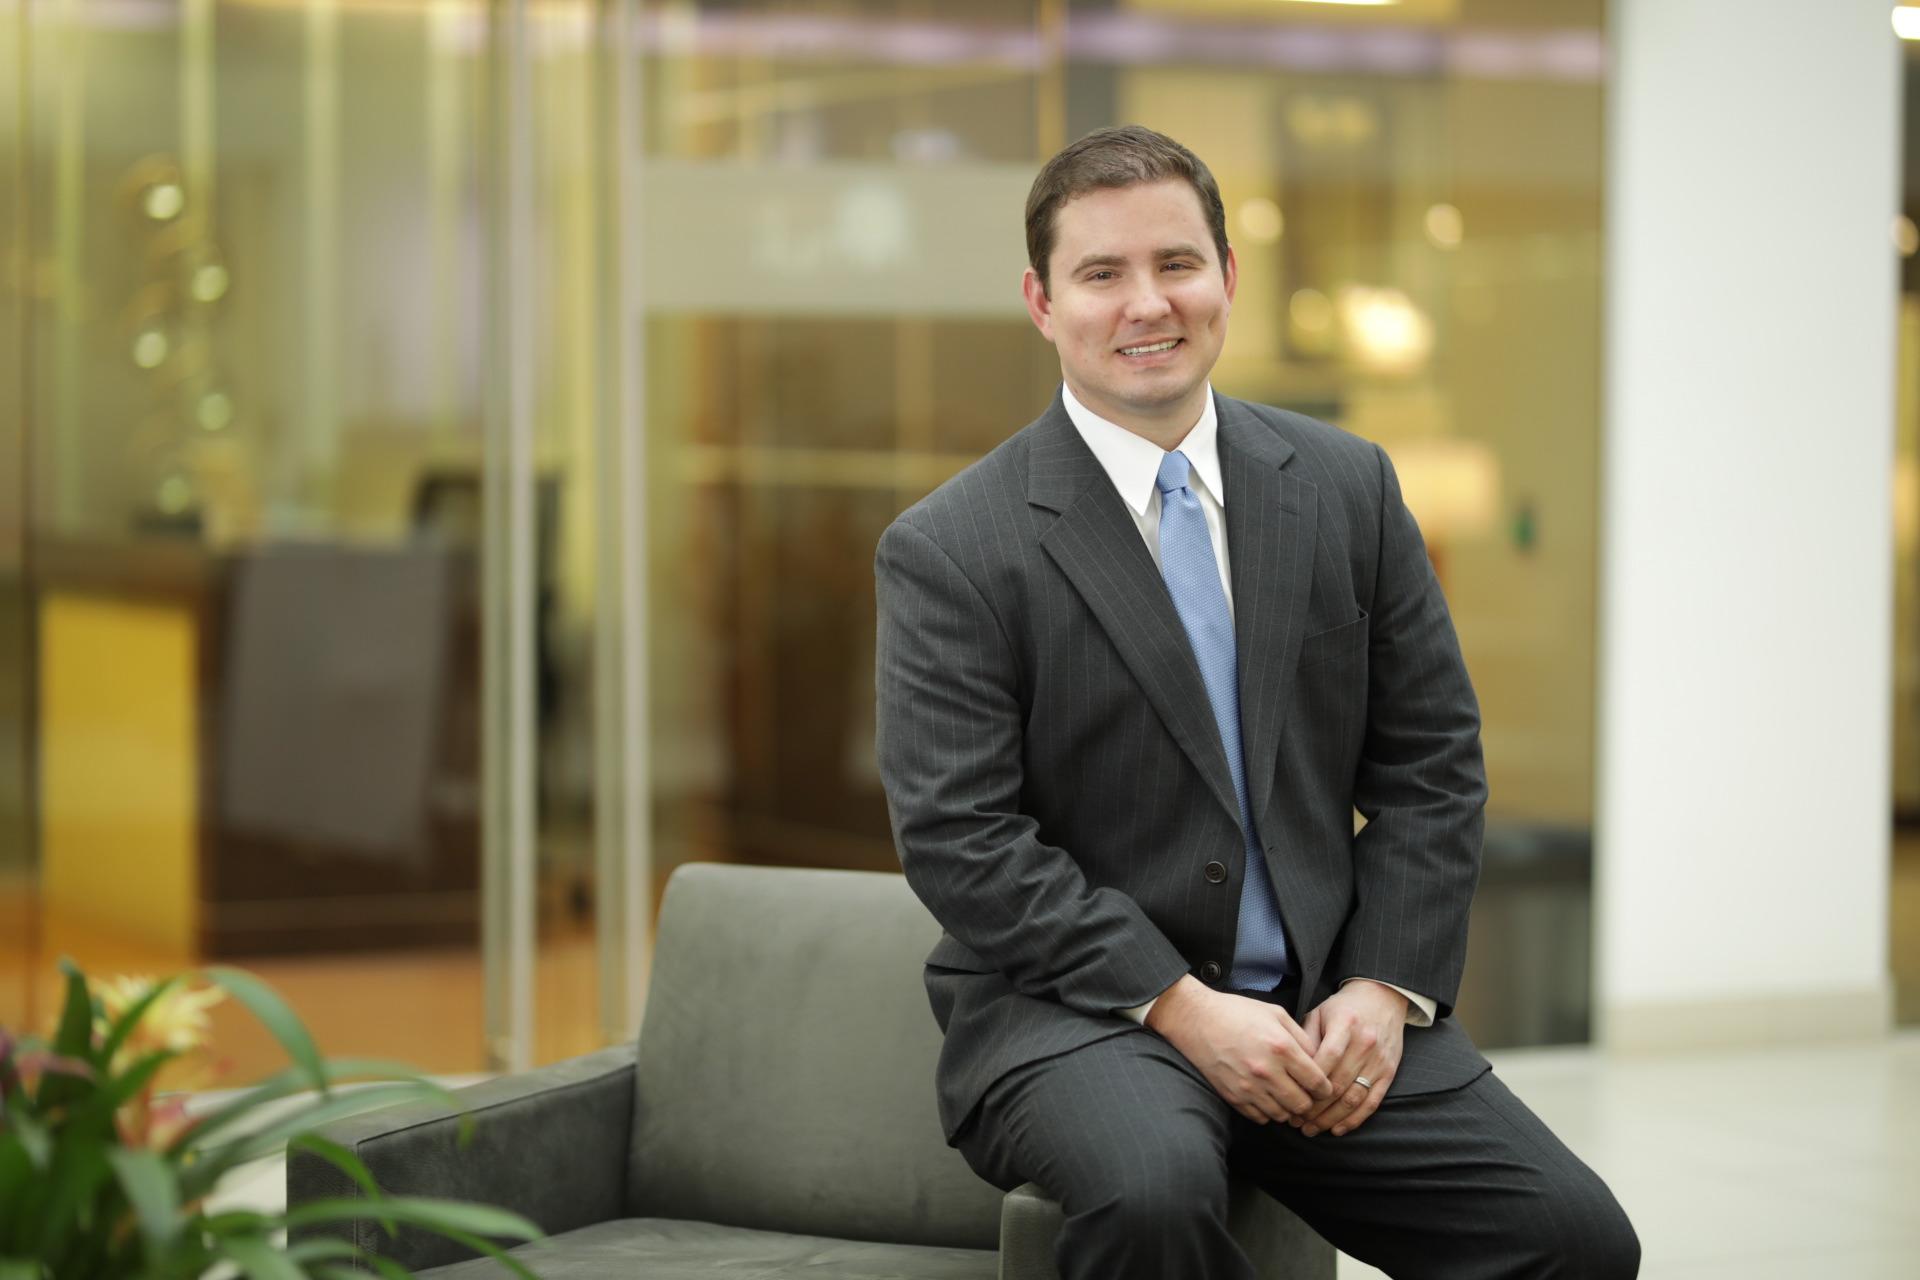 Dr. Brandon Menke